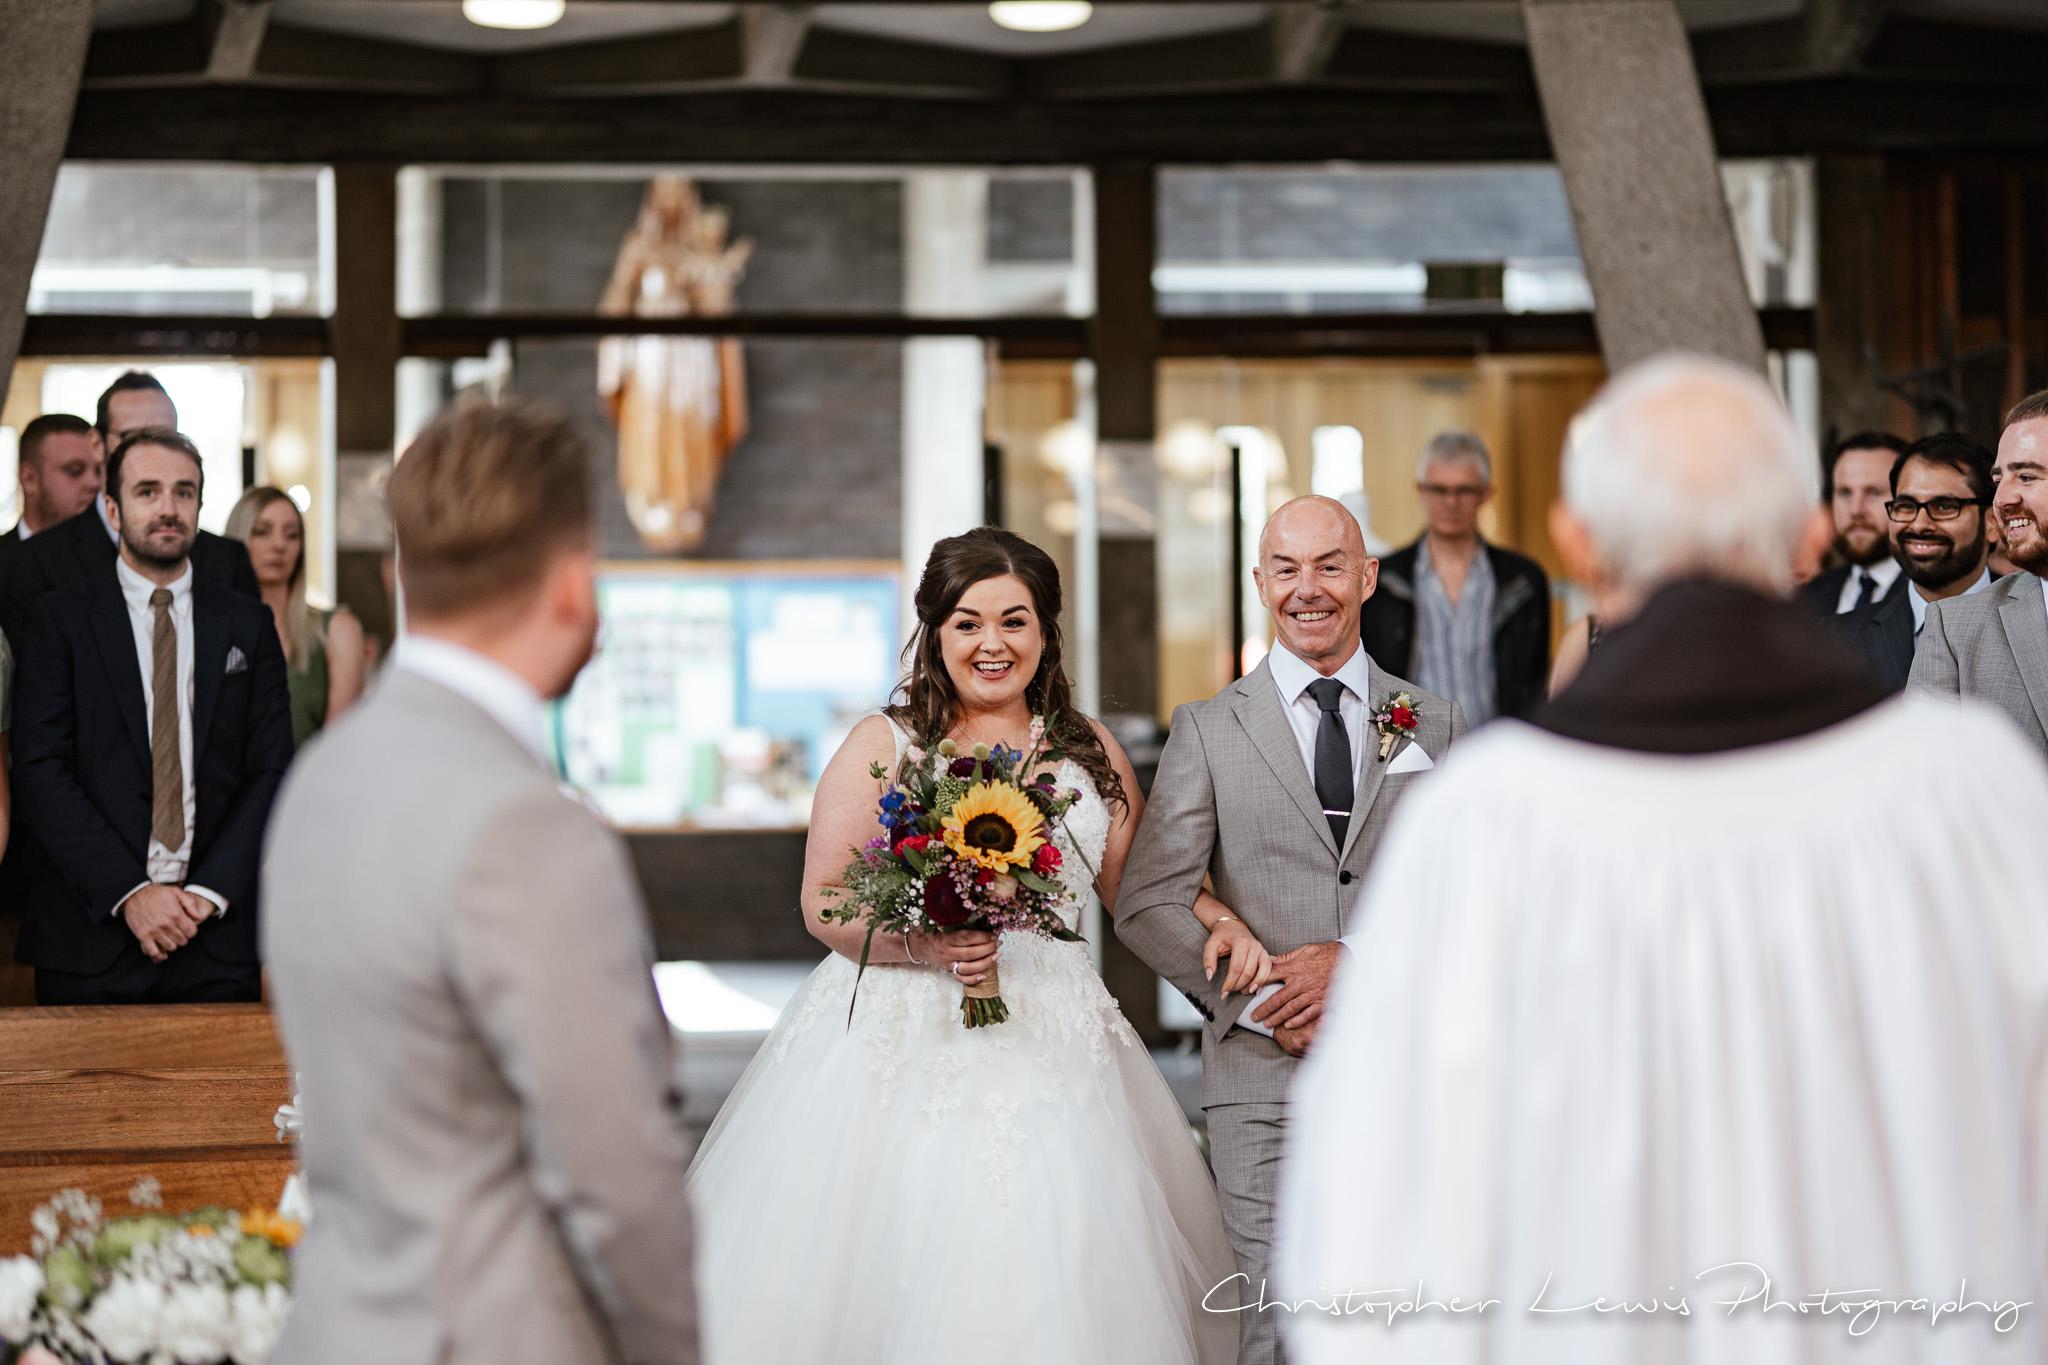 Samlesbury Hall Wedding bride coming down aisle